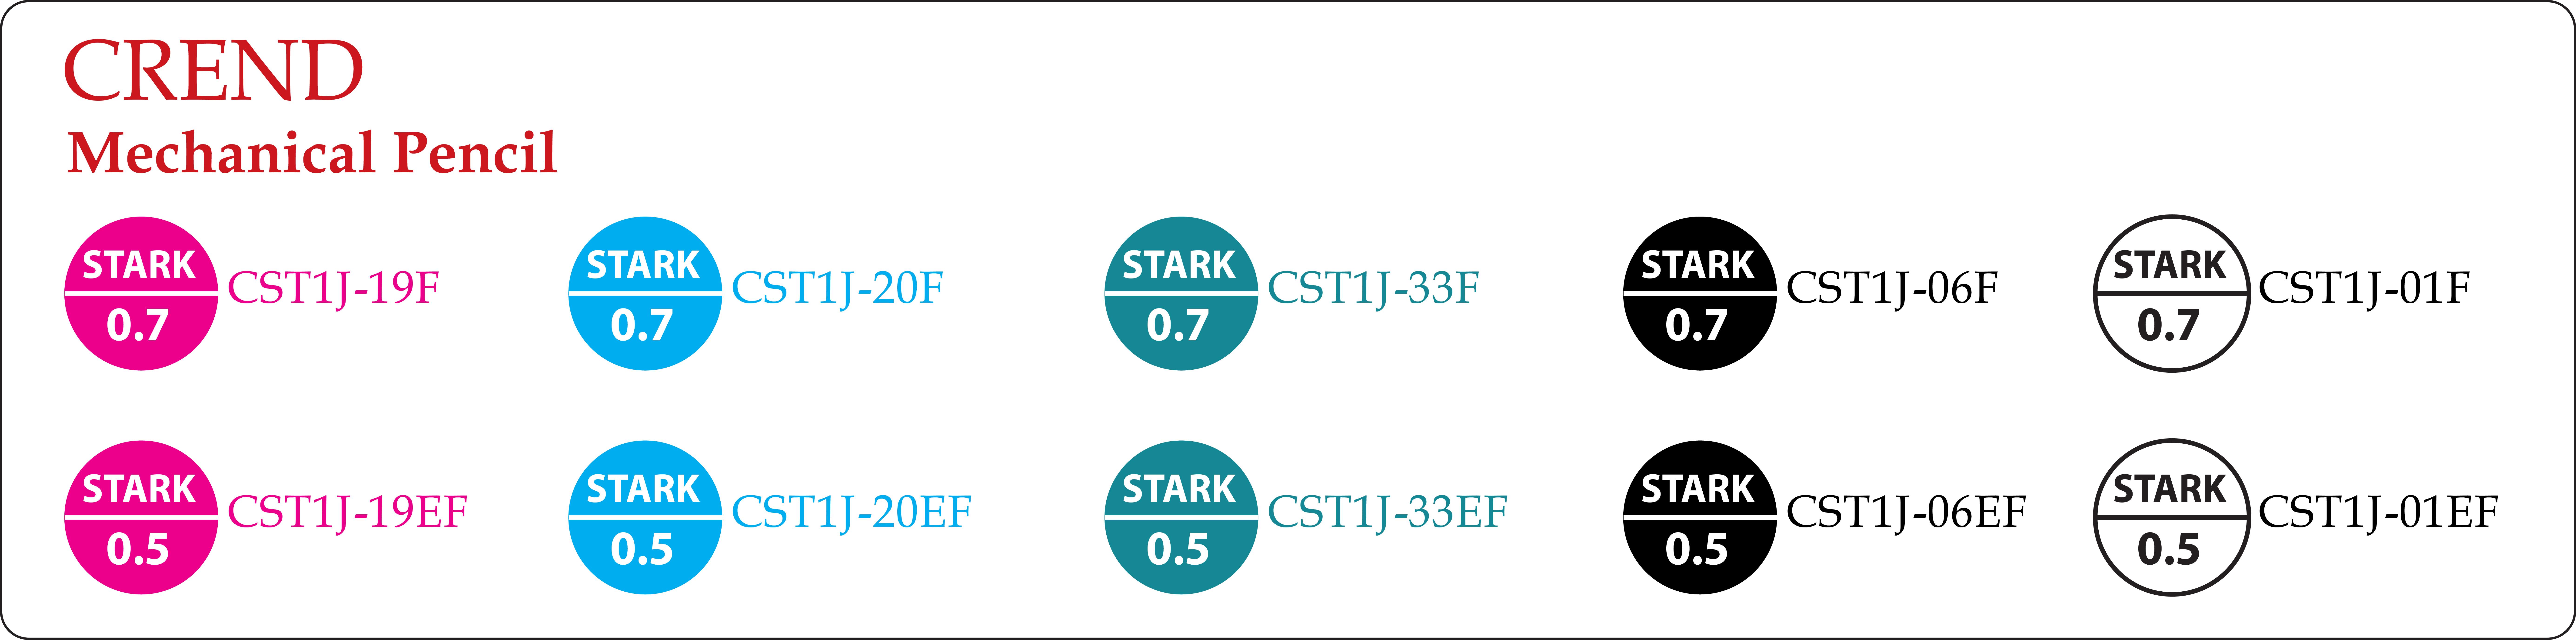 STARK lEYBEL SITE [1]